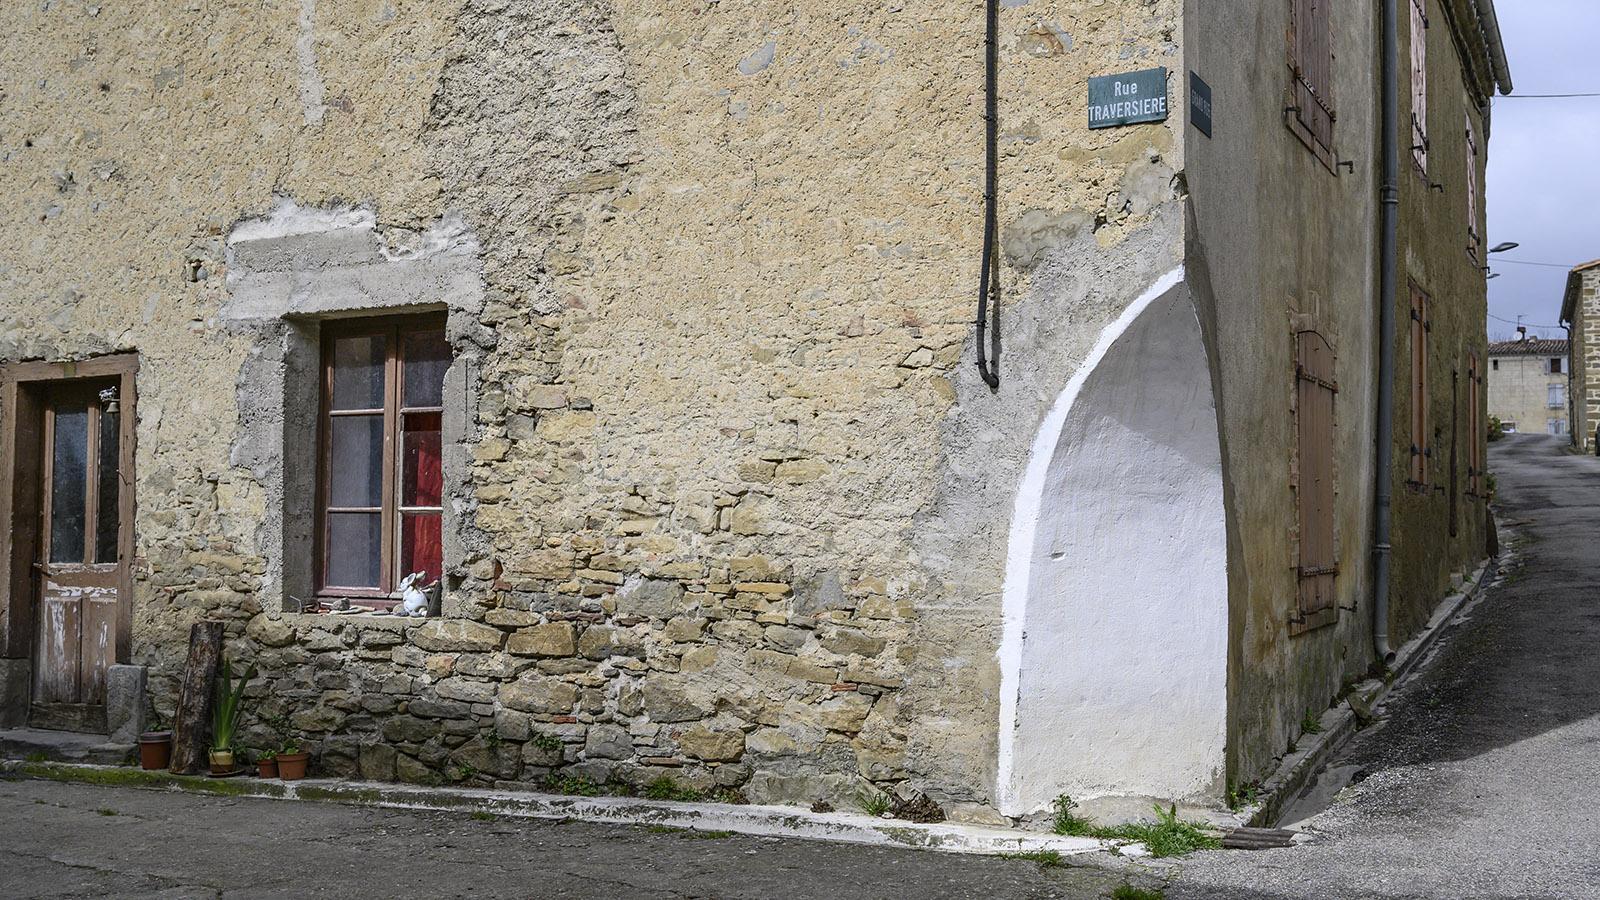 La Serpent: Kante macht Platz für Kurve, damit der Verkehr durchpasst. Foto: Hilke Maunder